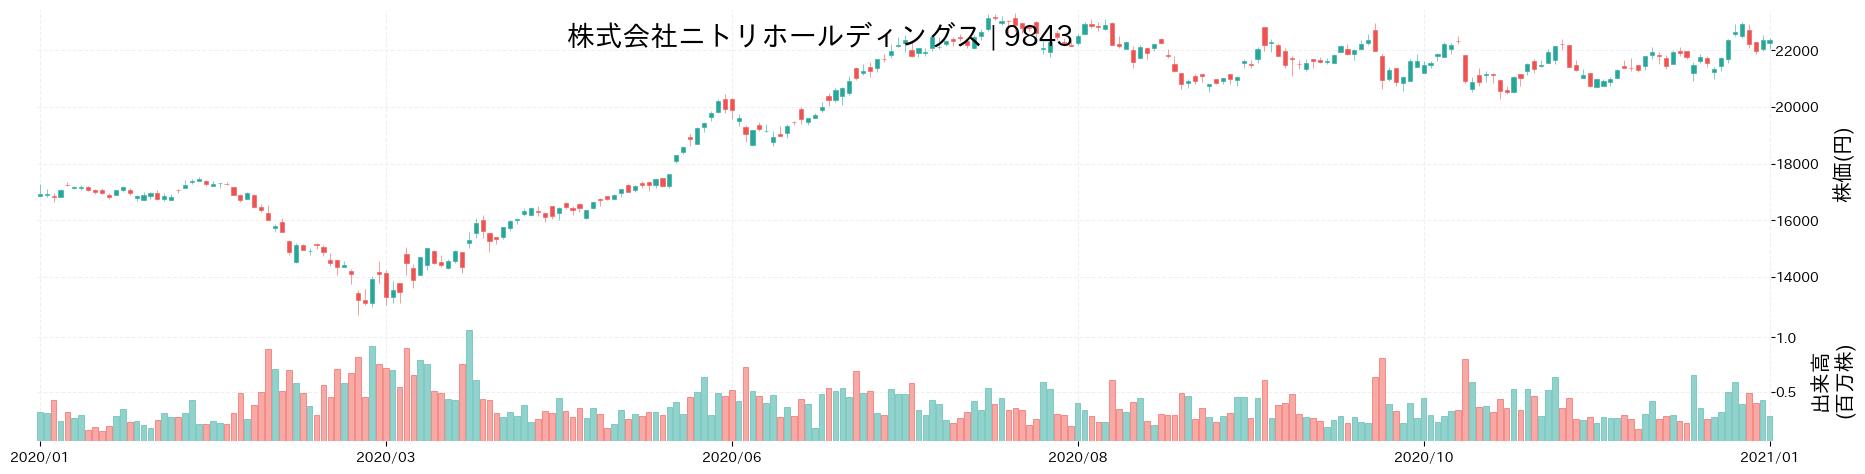 株式会社ニトリホールディングスの株価推移(2020)